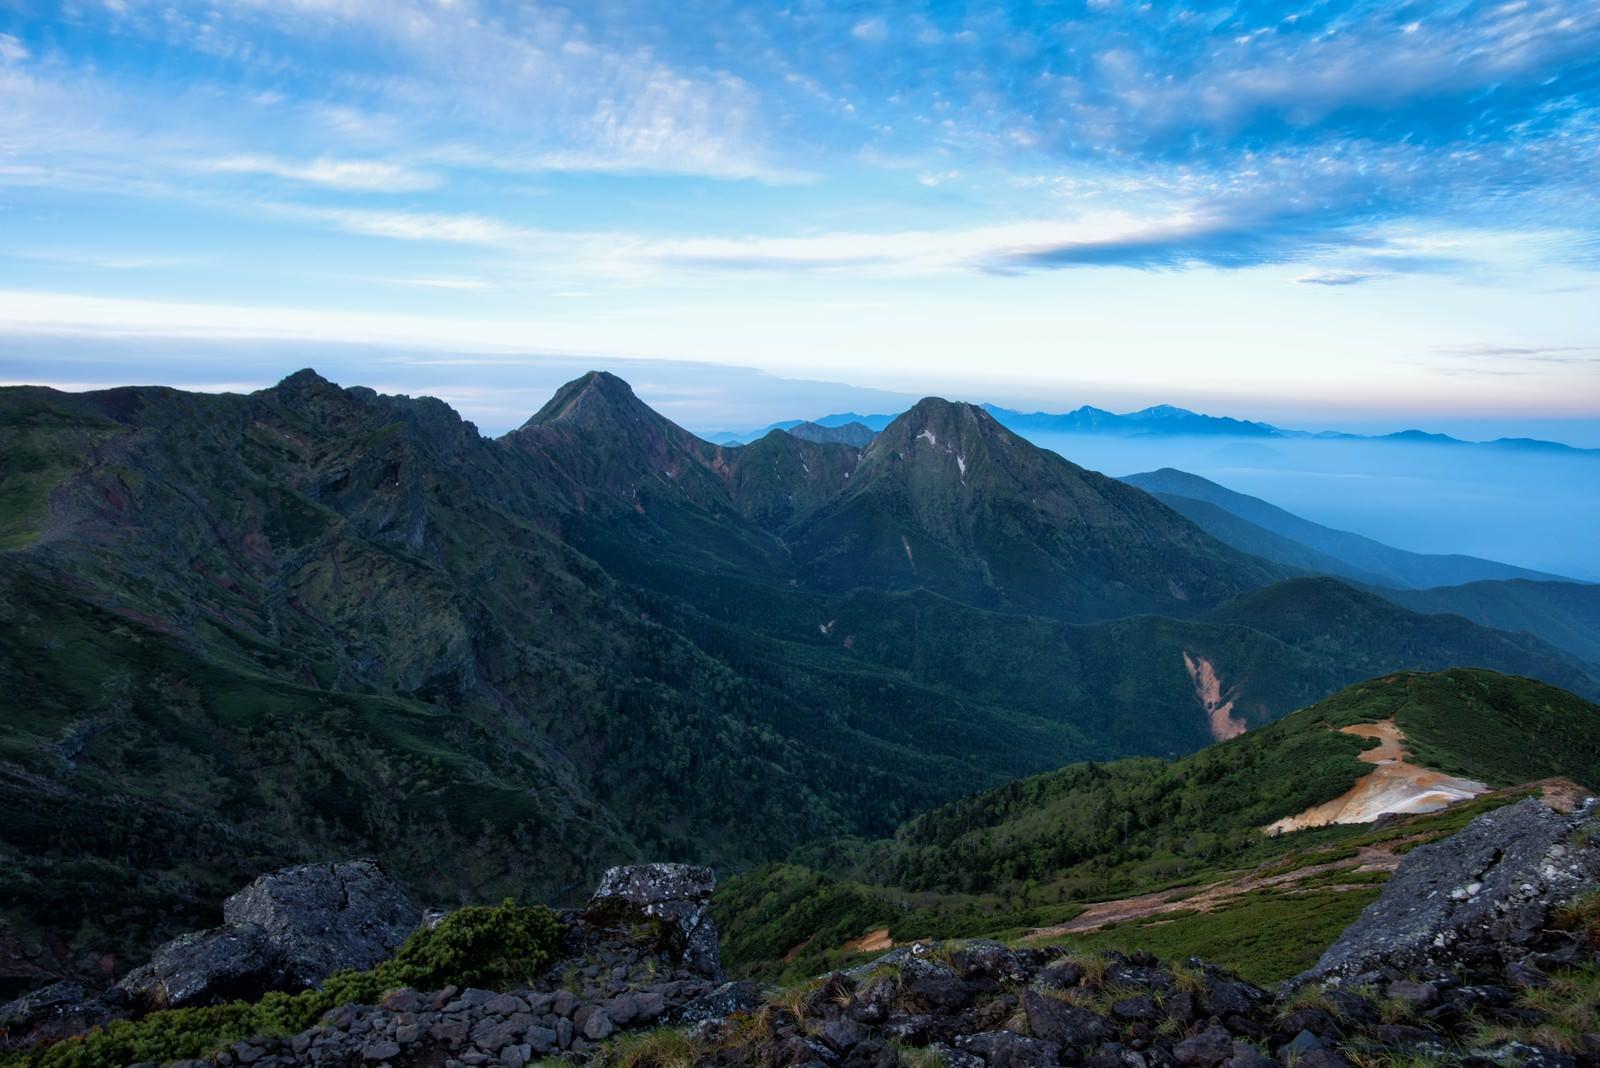 「硫黄岳から望む赤岳と阿弥陀岳」の写真